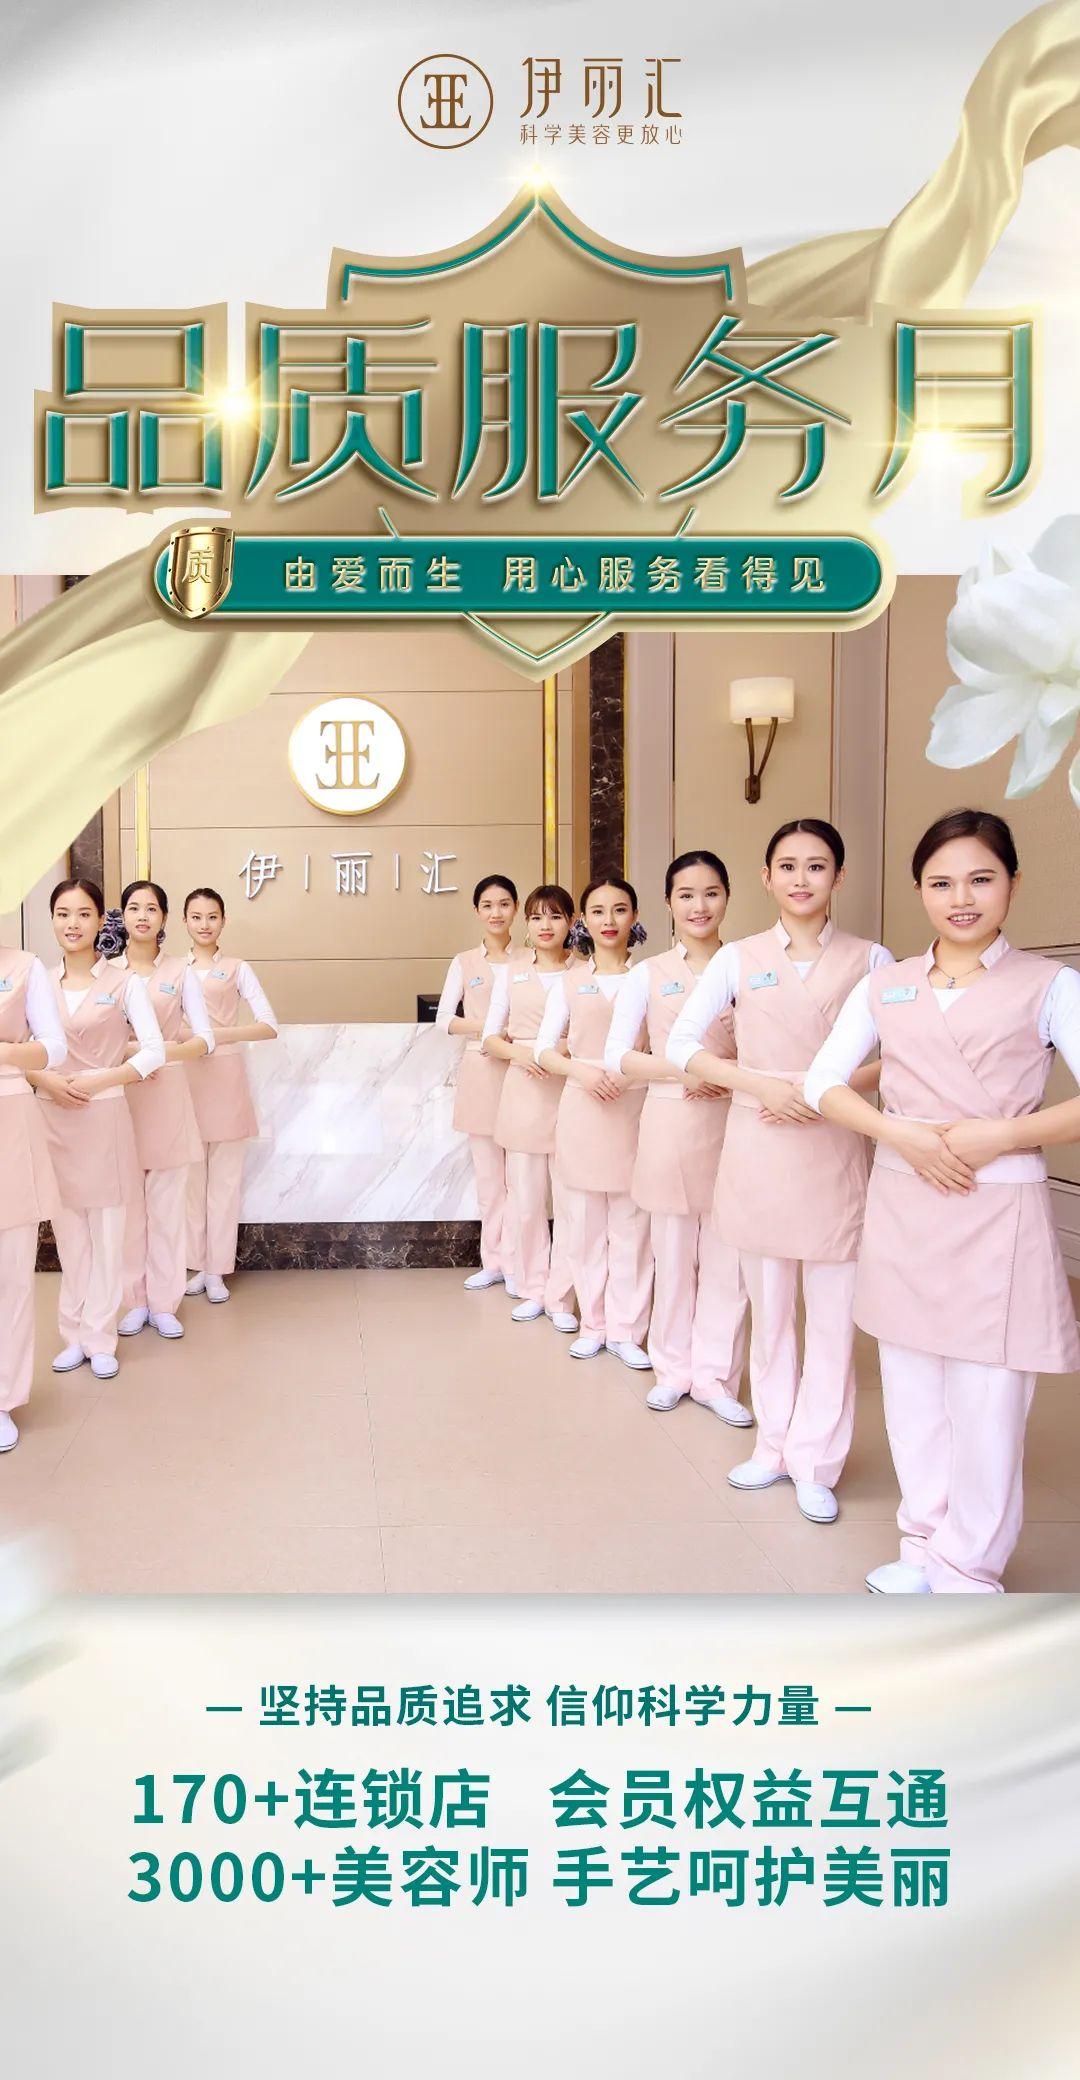 伊丽汇美容品质服务月启动,伊丽汇美容院提供更好的美容体验